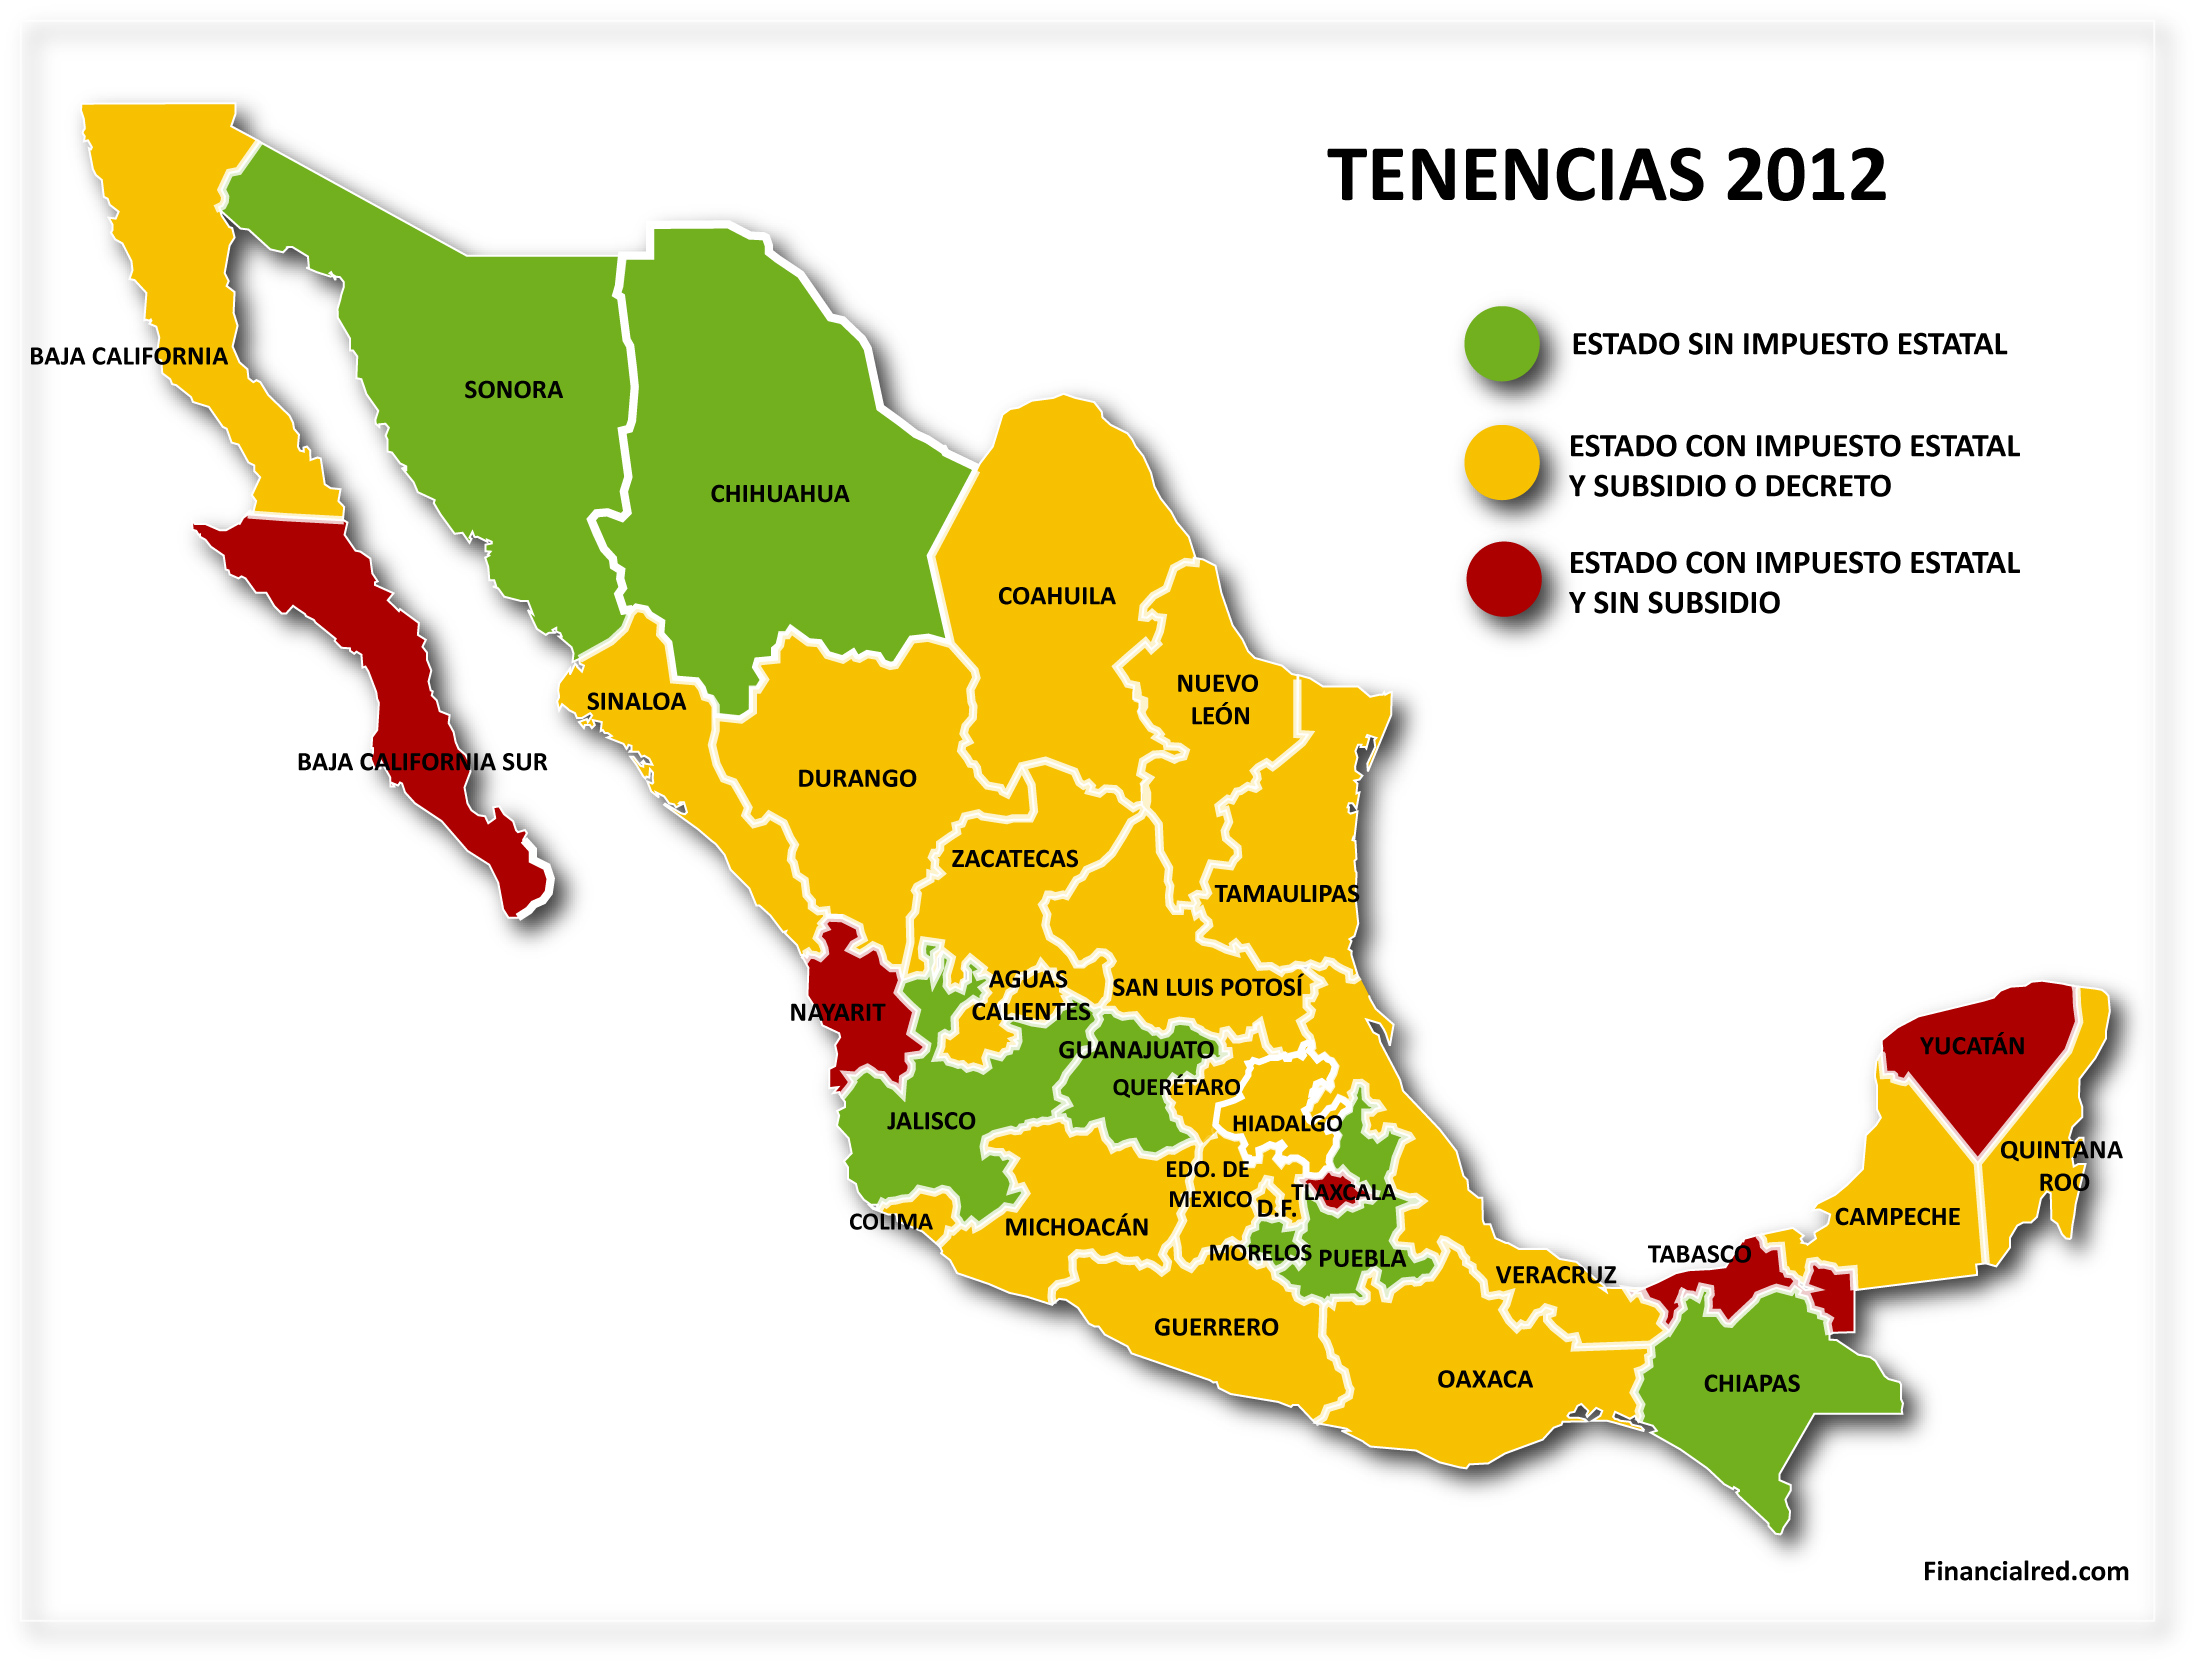 Tenencia en México